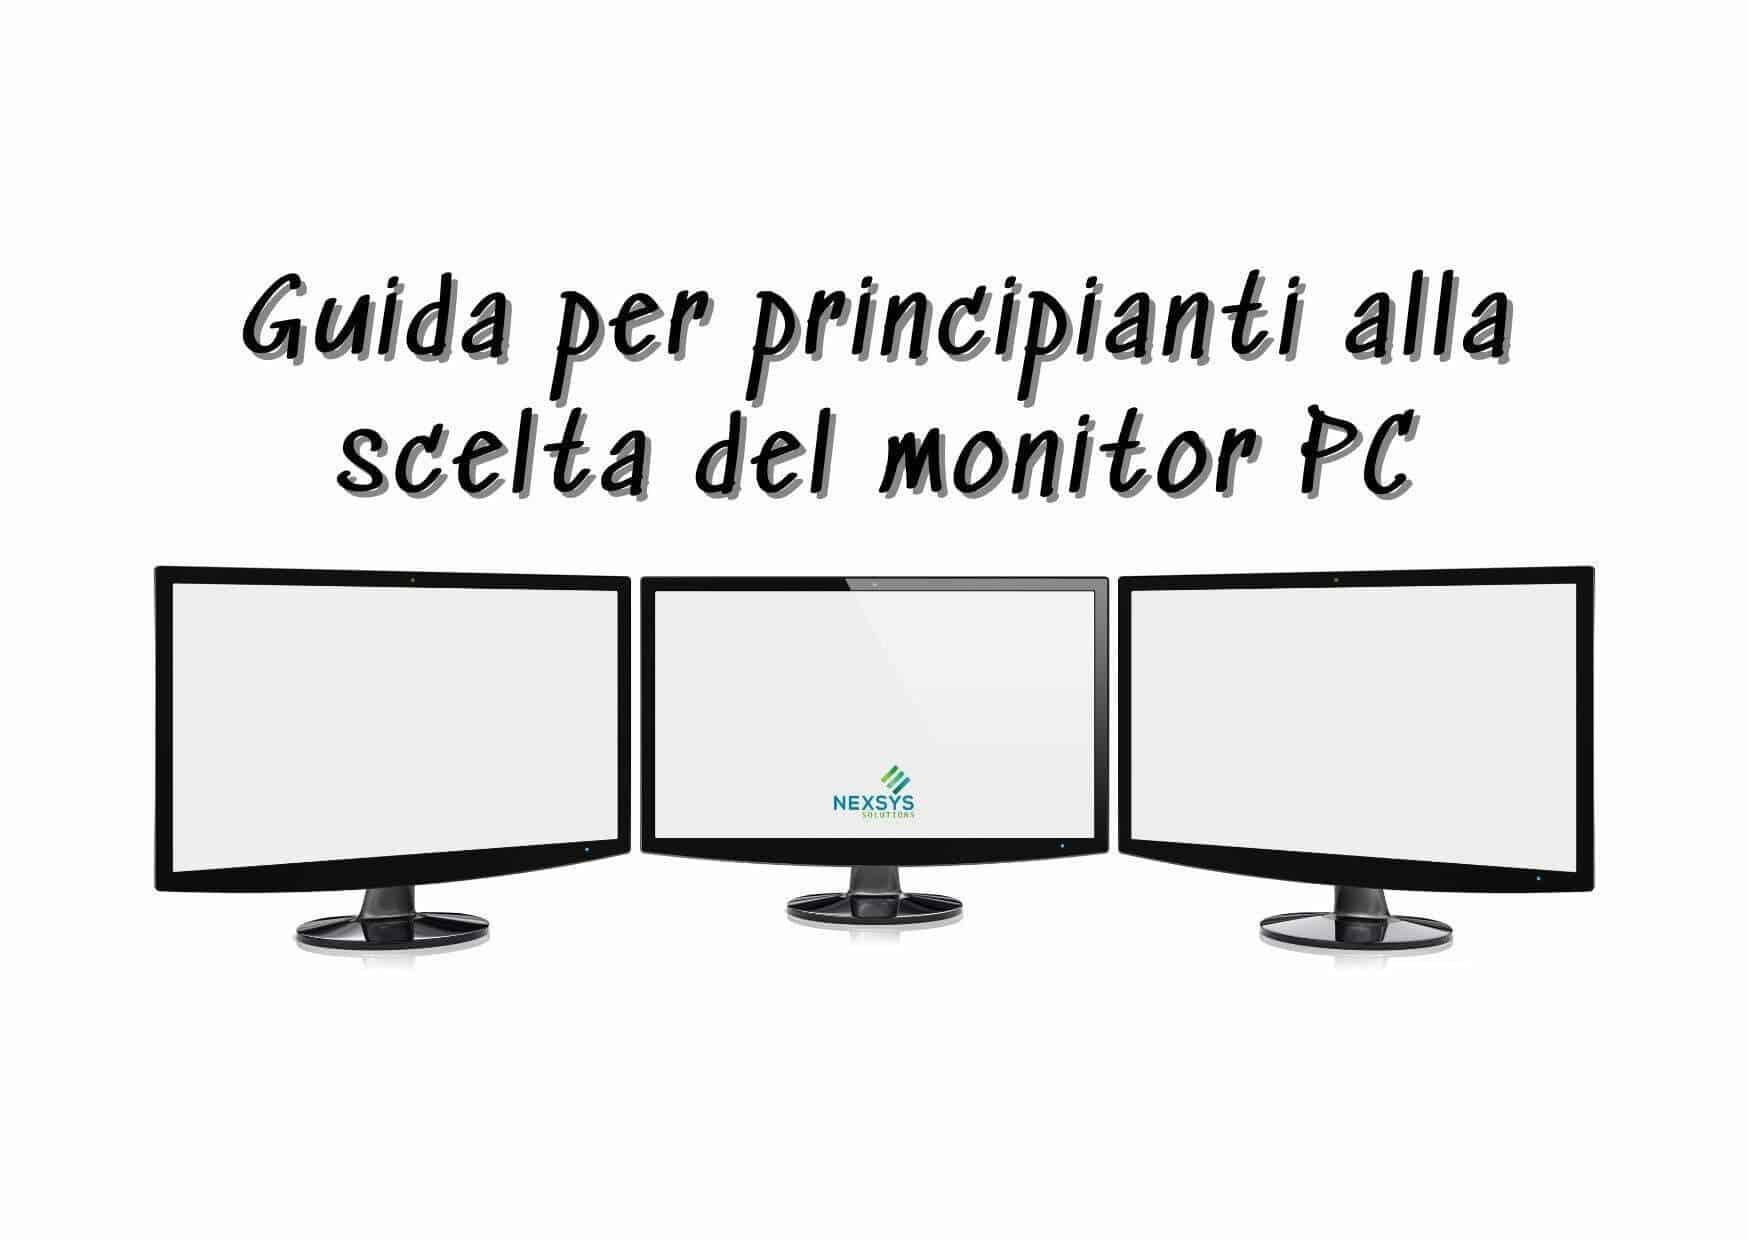 Guida per principianti alla scelta del monitor PC